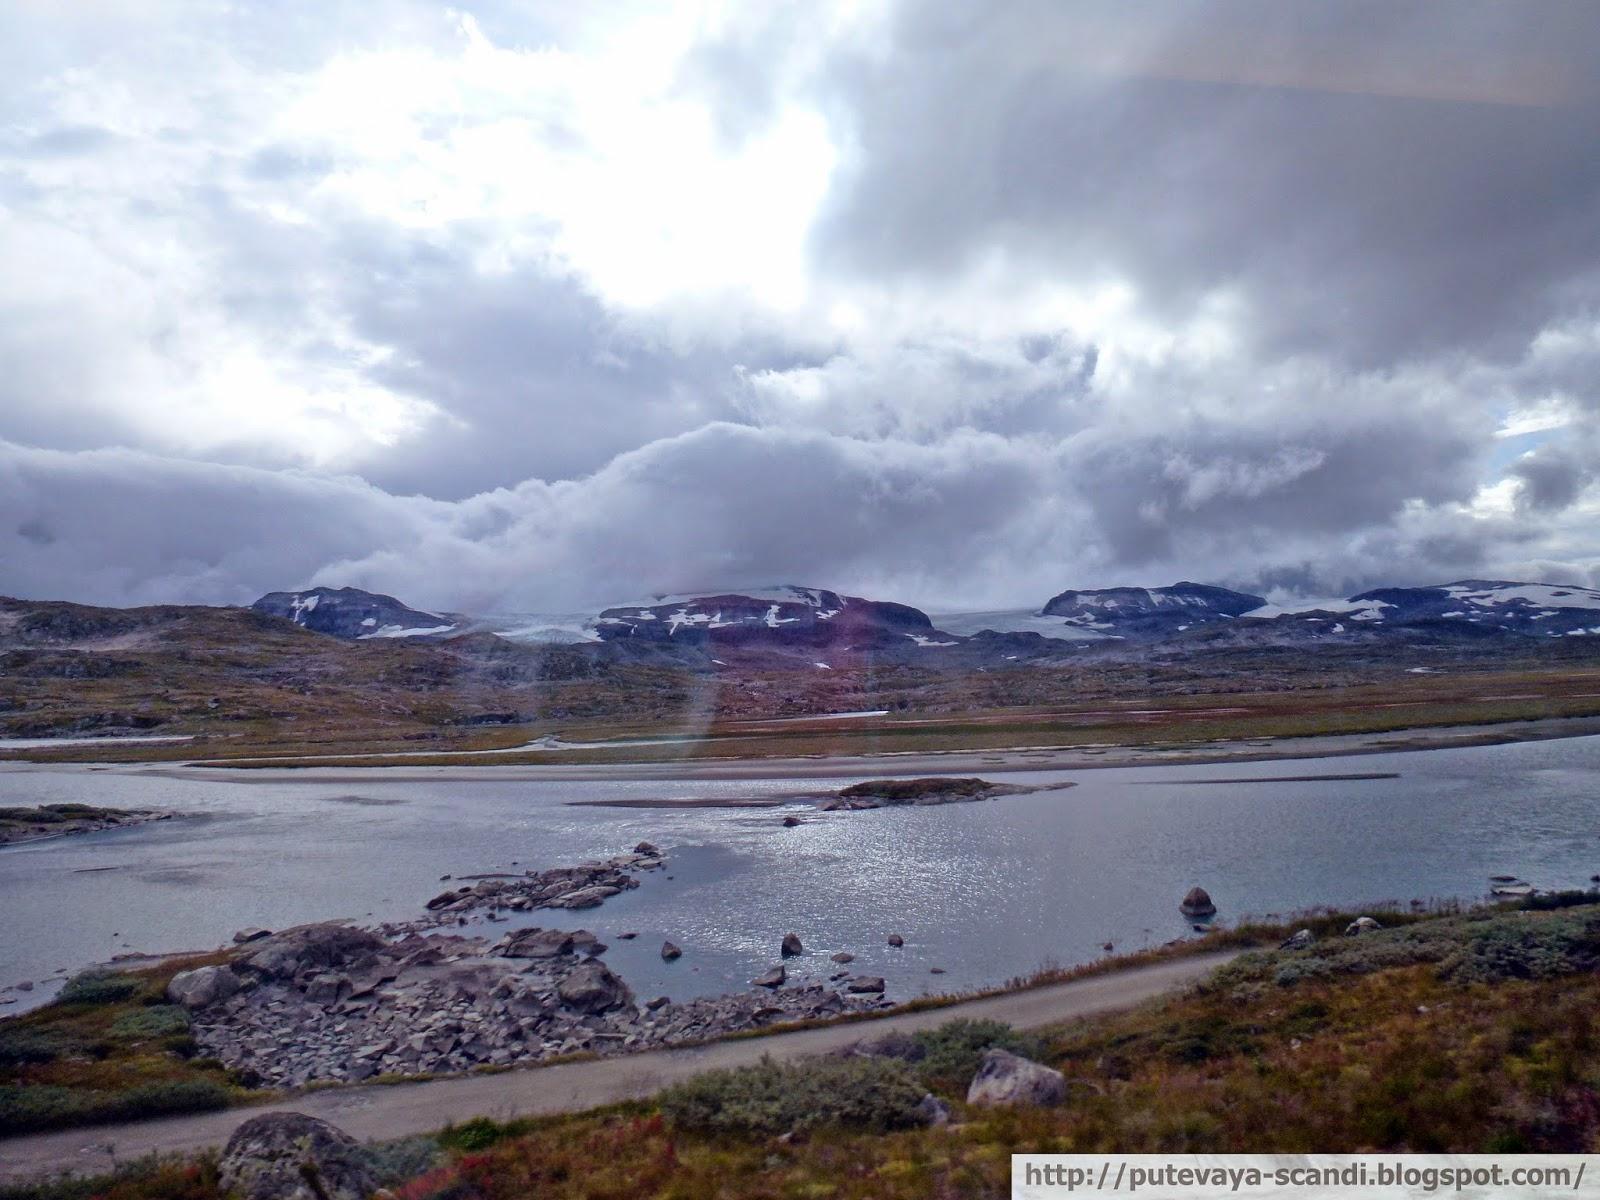 ледник: игра света и тени